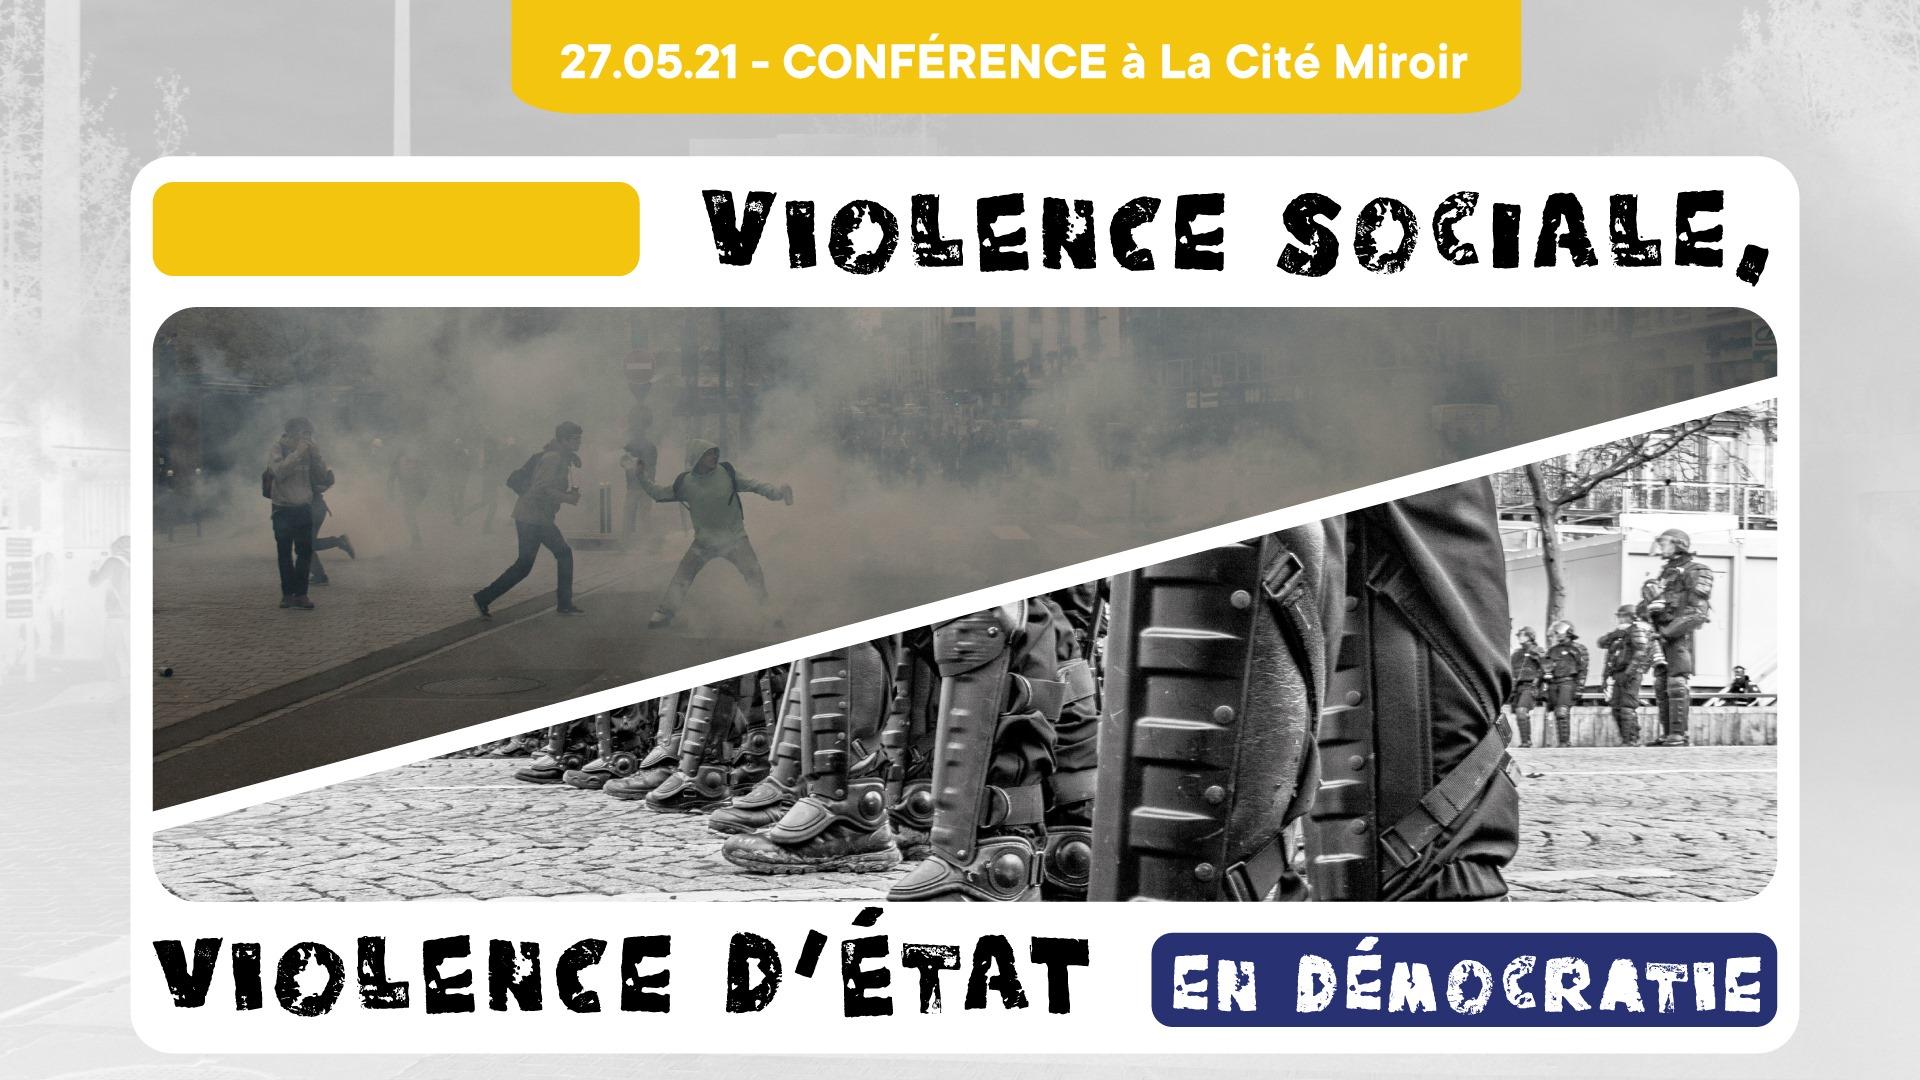 Violence sociale, violence d'État en démocratie